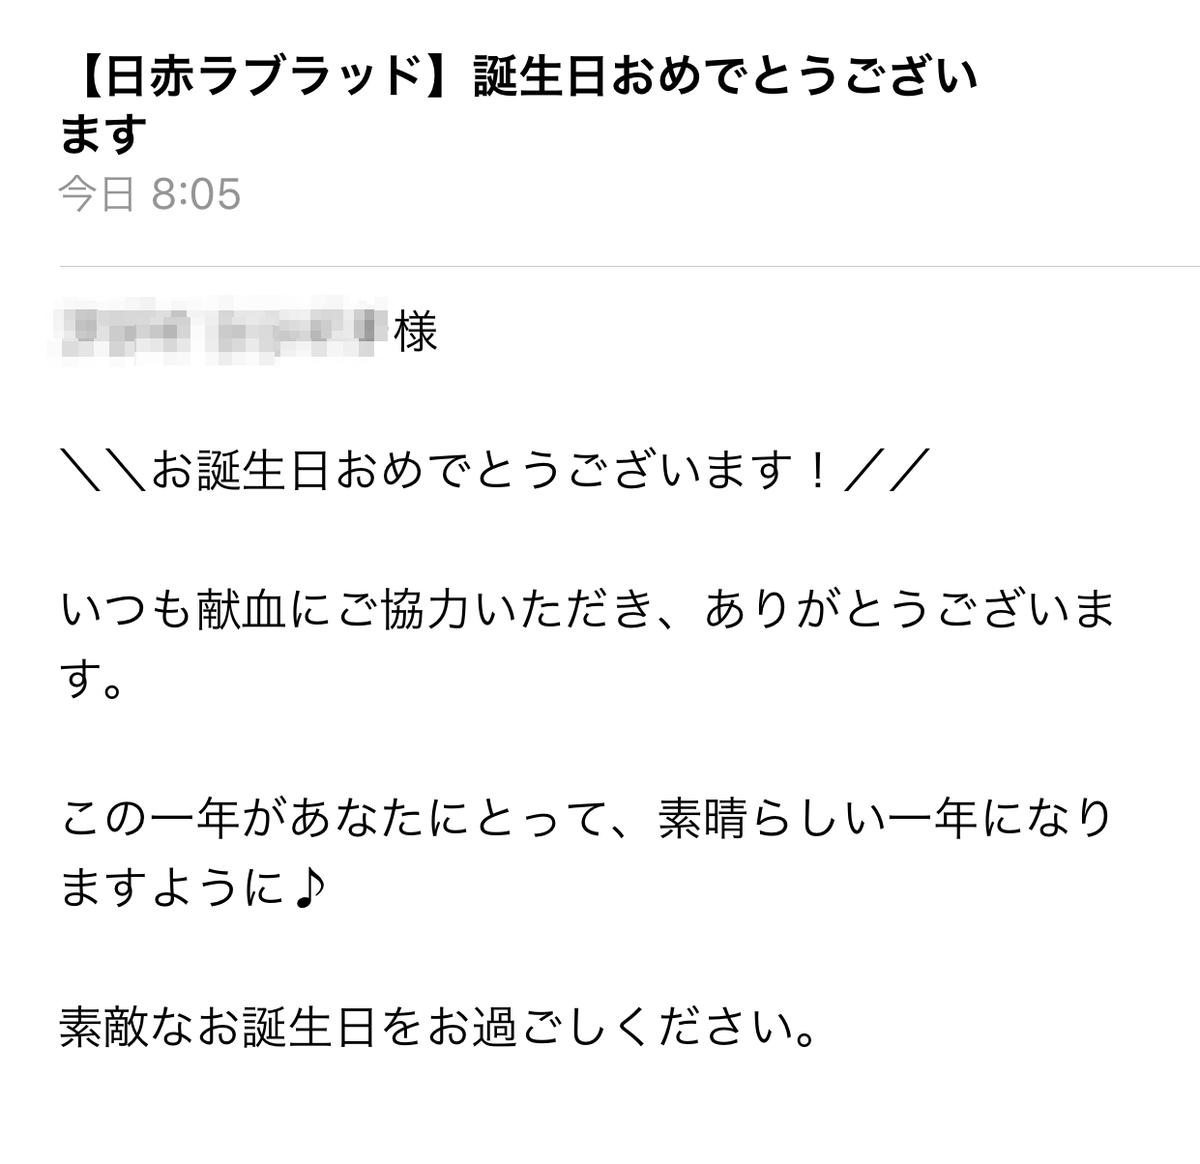 日本赤十字社 誕生日